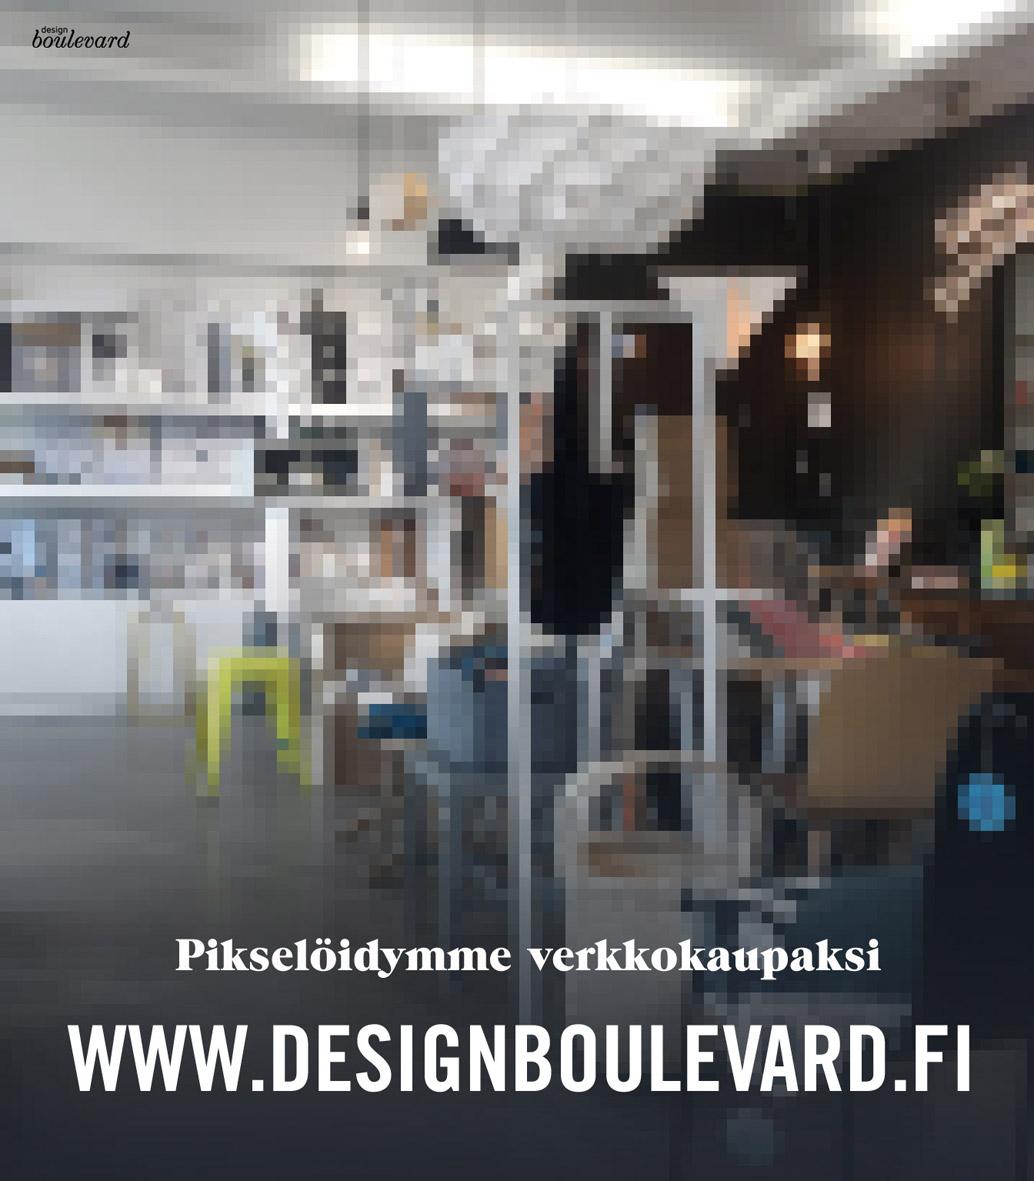 Design Boulevard pikselöityy verkkokaupaksi www.designboulevard.fi